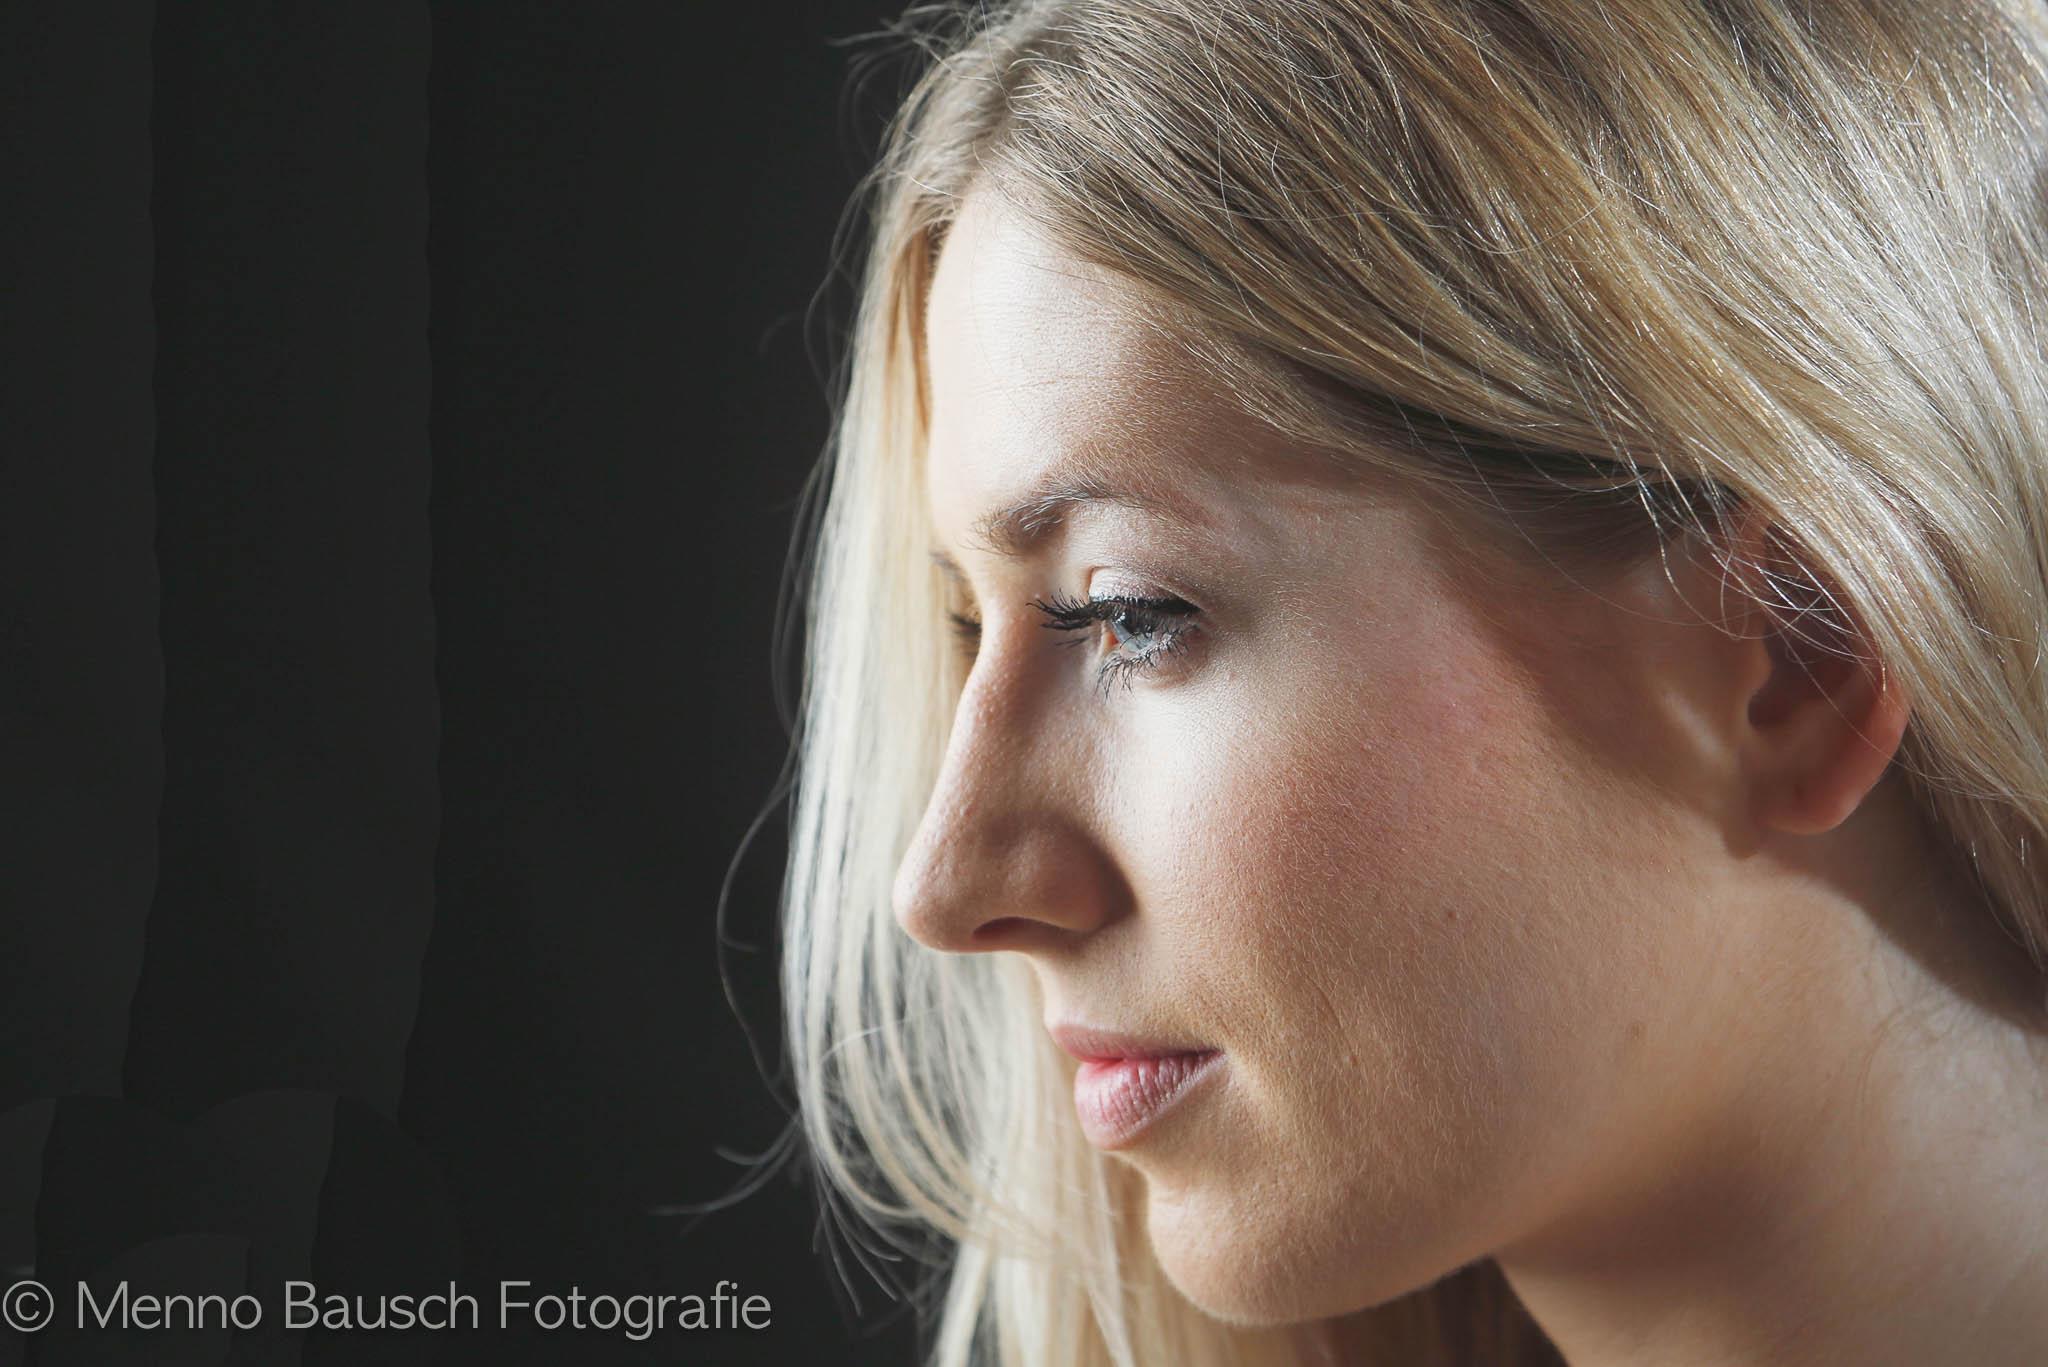 Menno Bausch Fotografie2